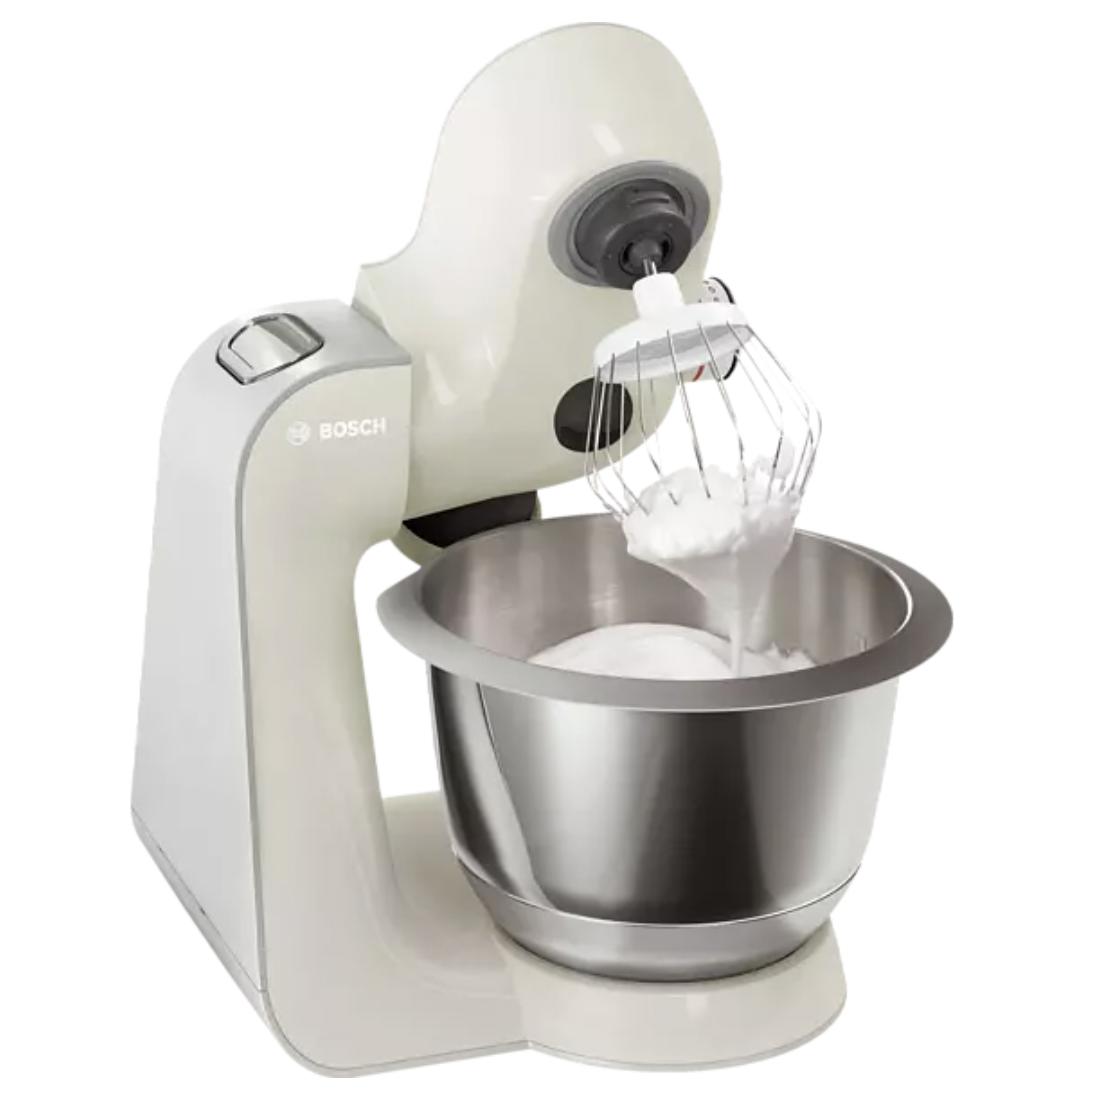 BOSCH MUM58L20 CreationLine Küchenmaschine für nur 156,29€ inkl. Versand